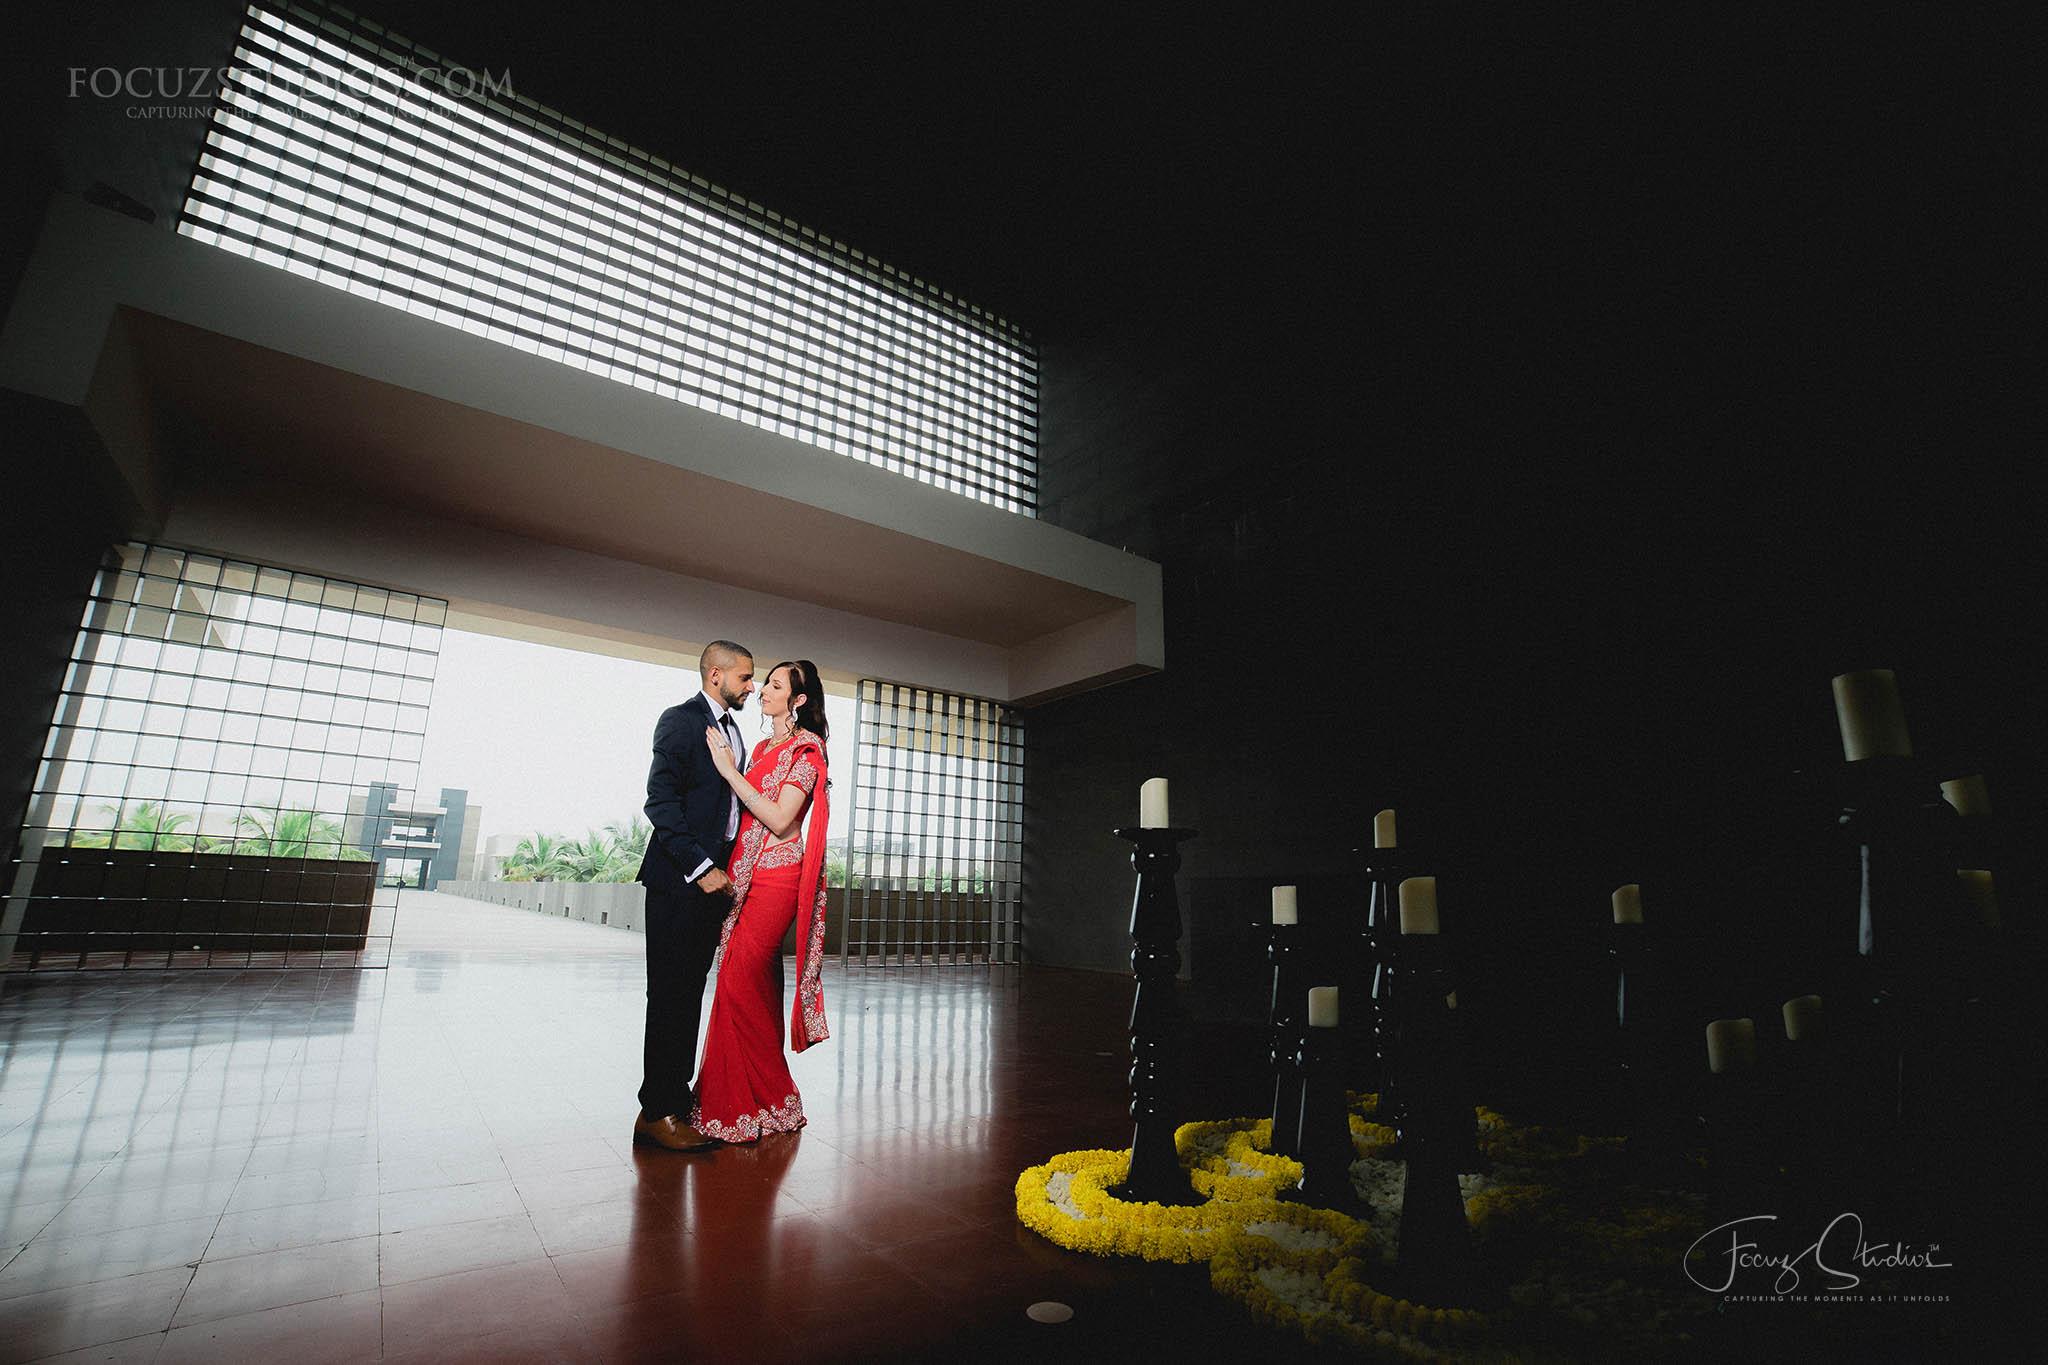 Postwedding Coupleshoot Outdoor Outdoorphotography Photography Top10photographerinchennai Chennai Bestphotographer Pre Wedding Photoshootwedding